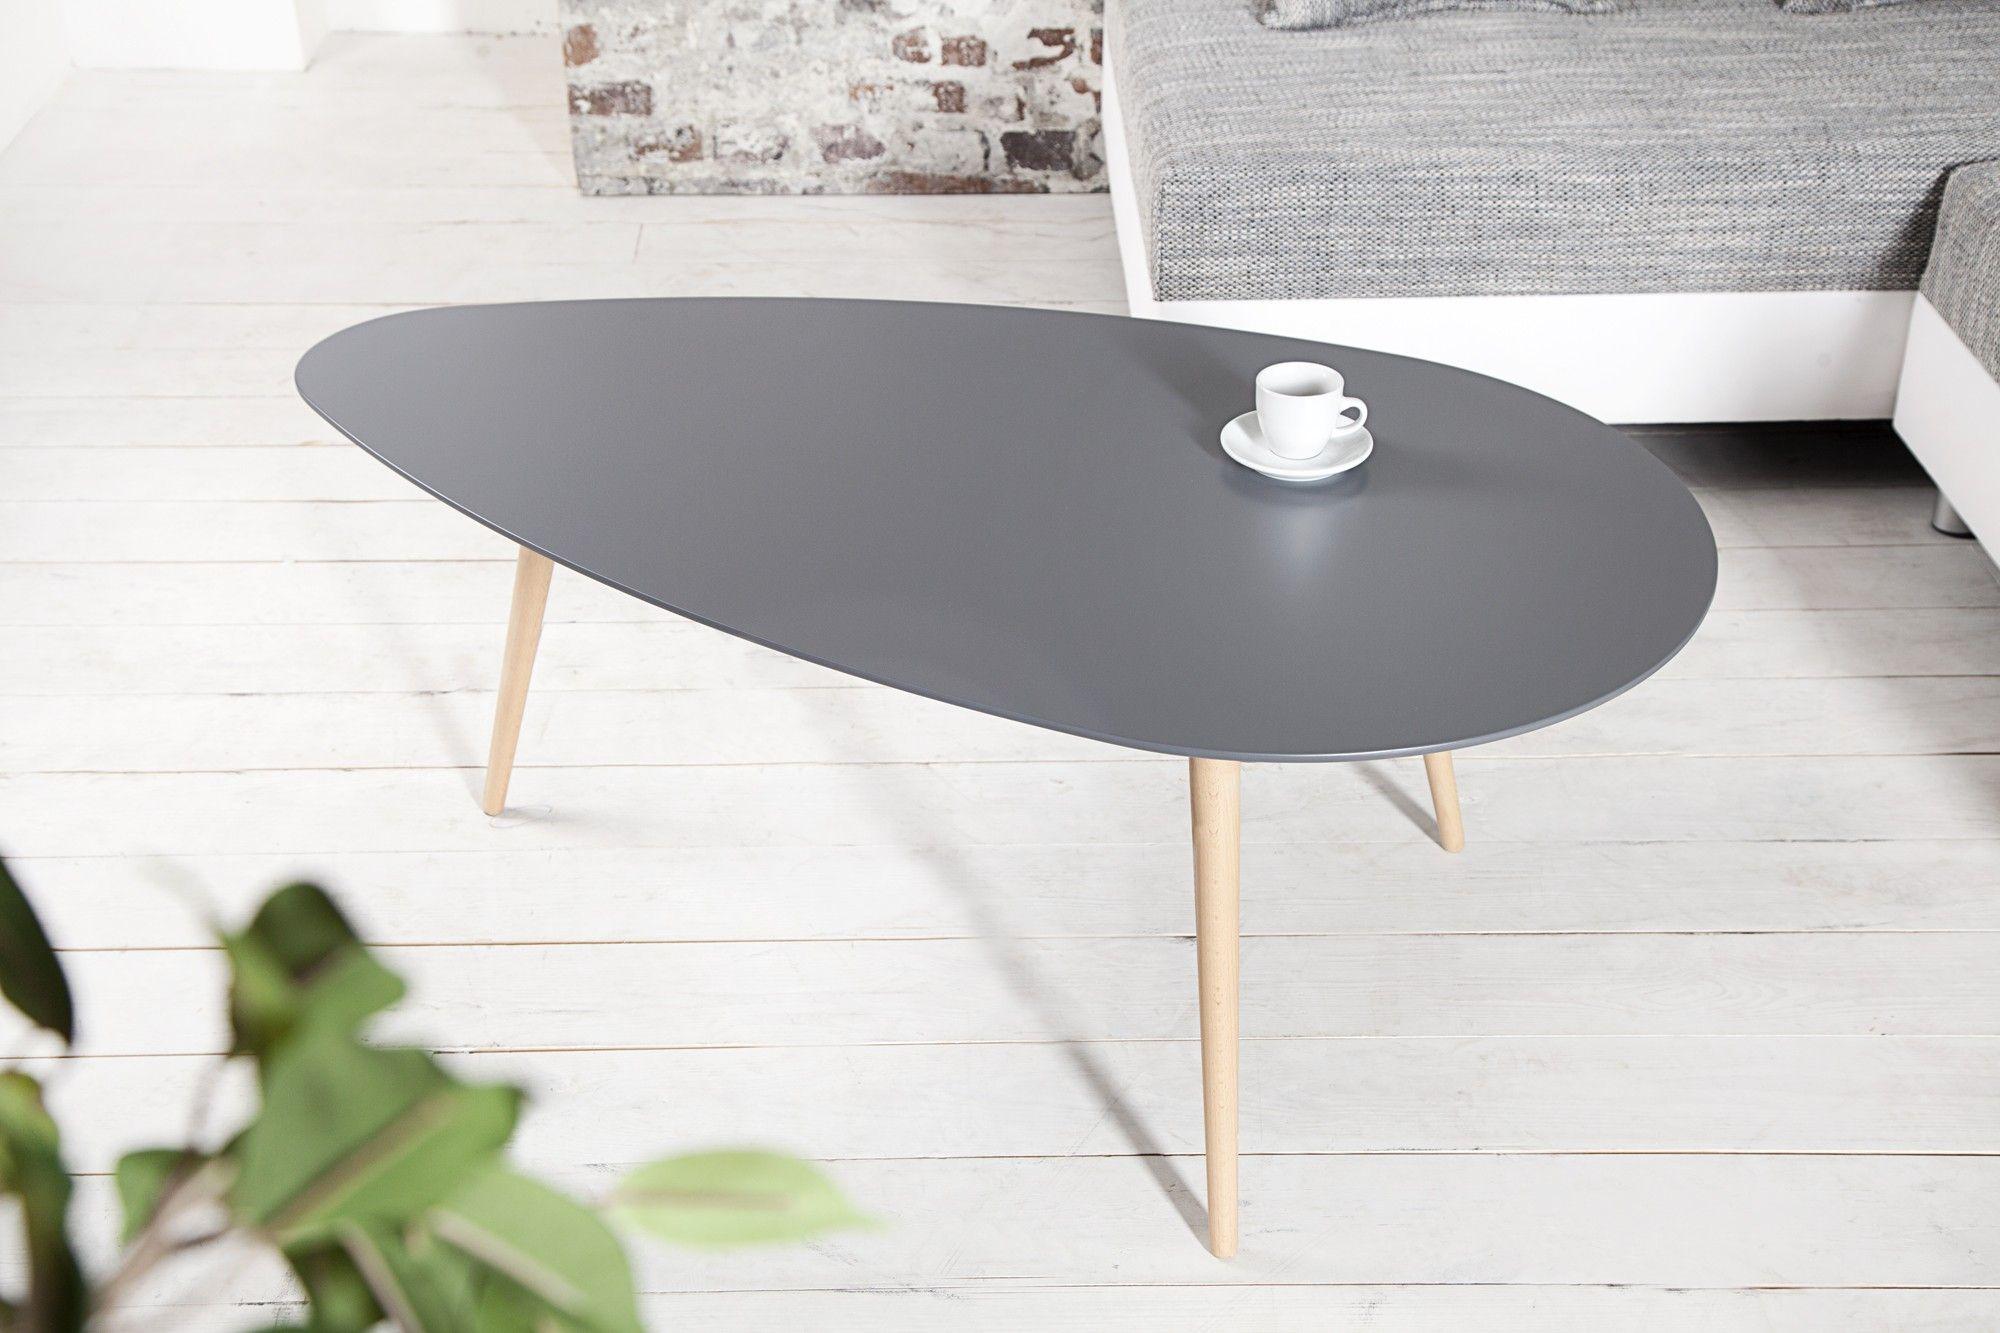 d629d7b5589d209447642ef6cf701111 Luxe De Table Basse En Cuir Schème